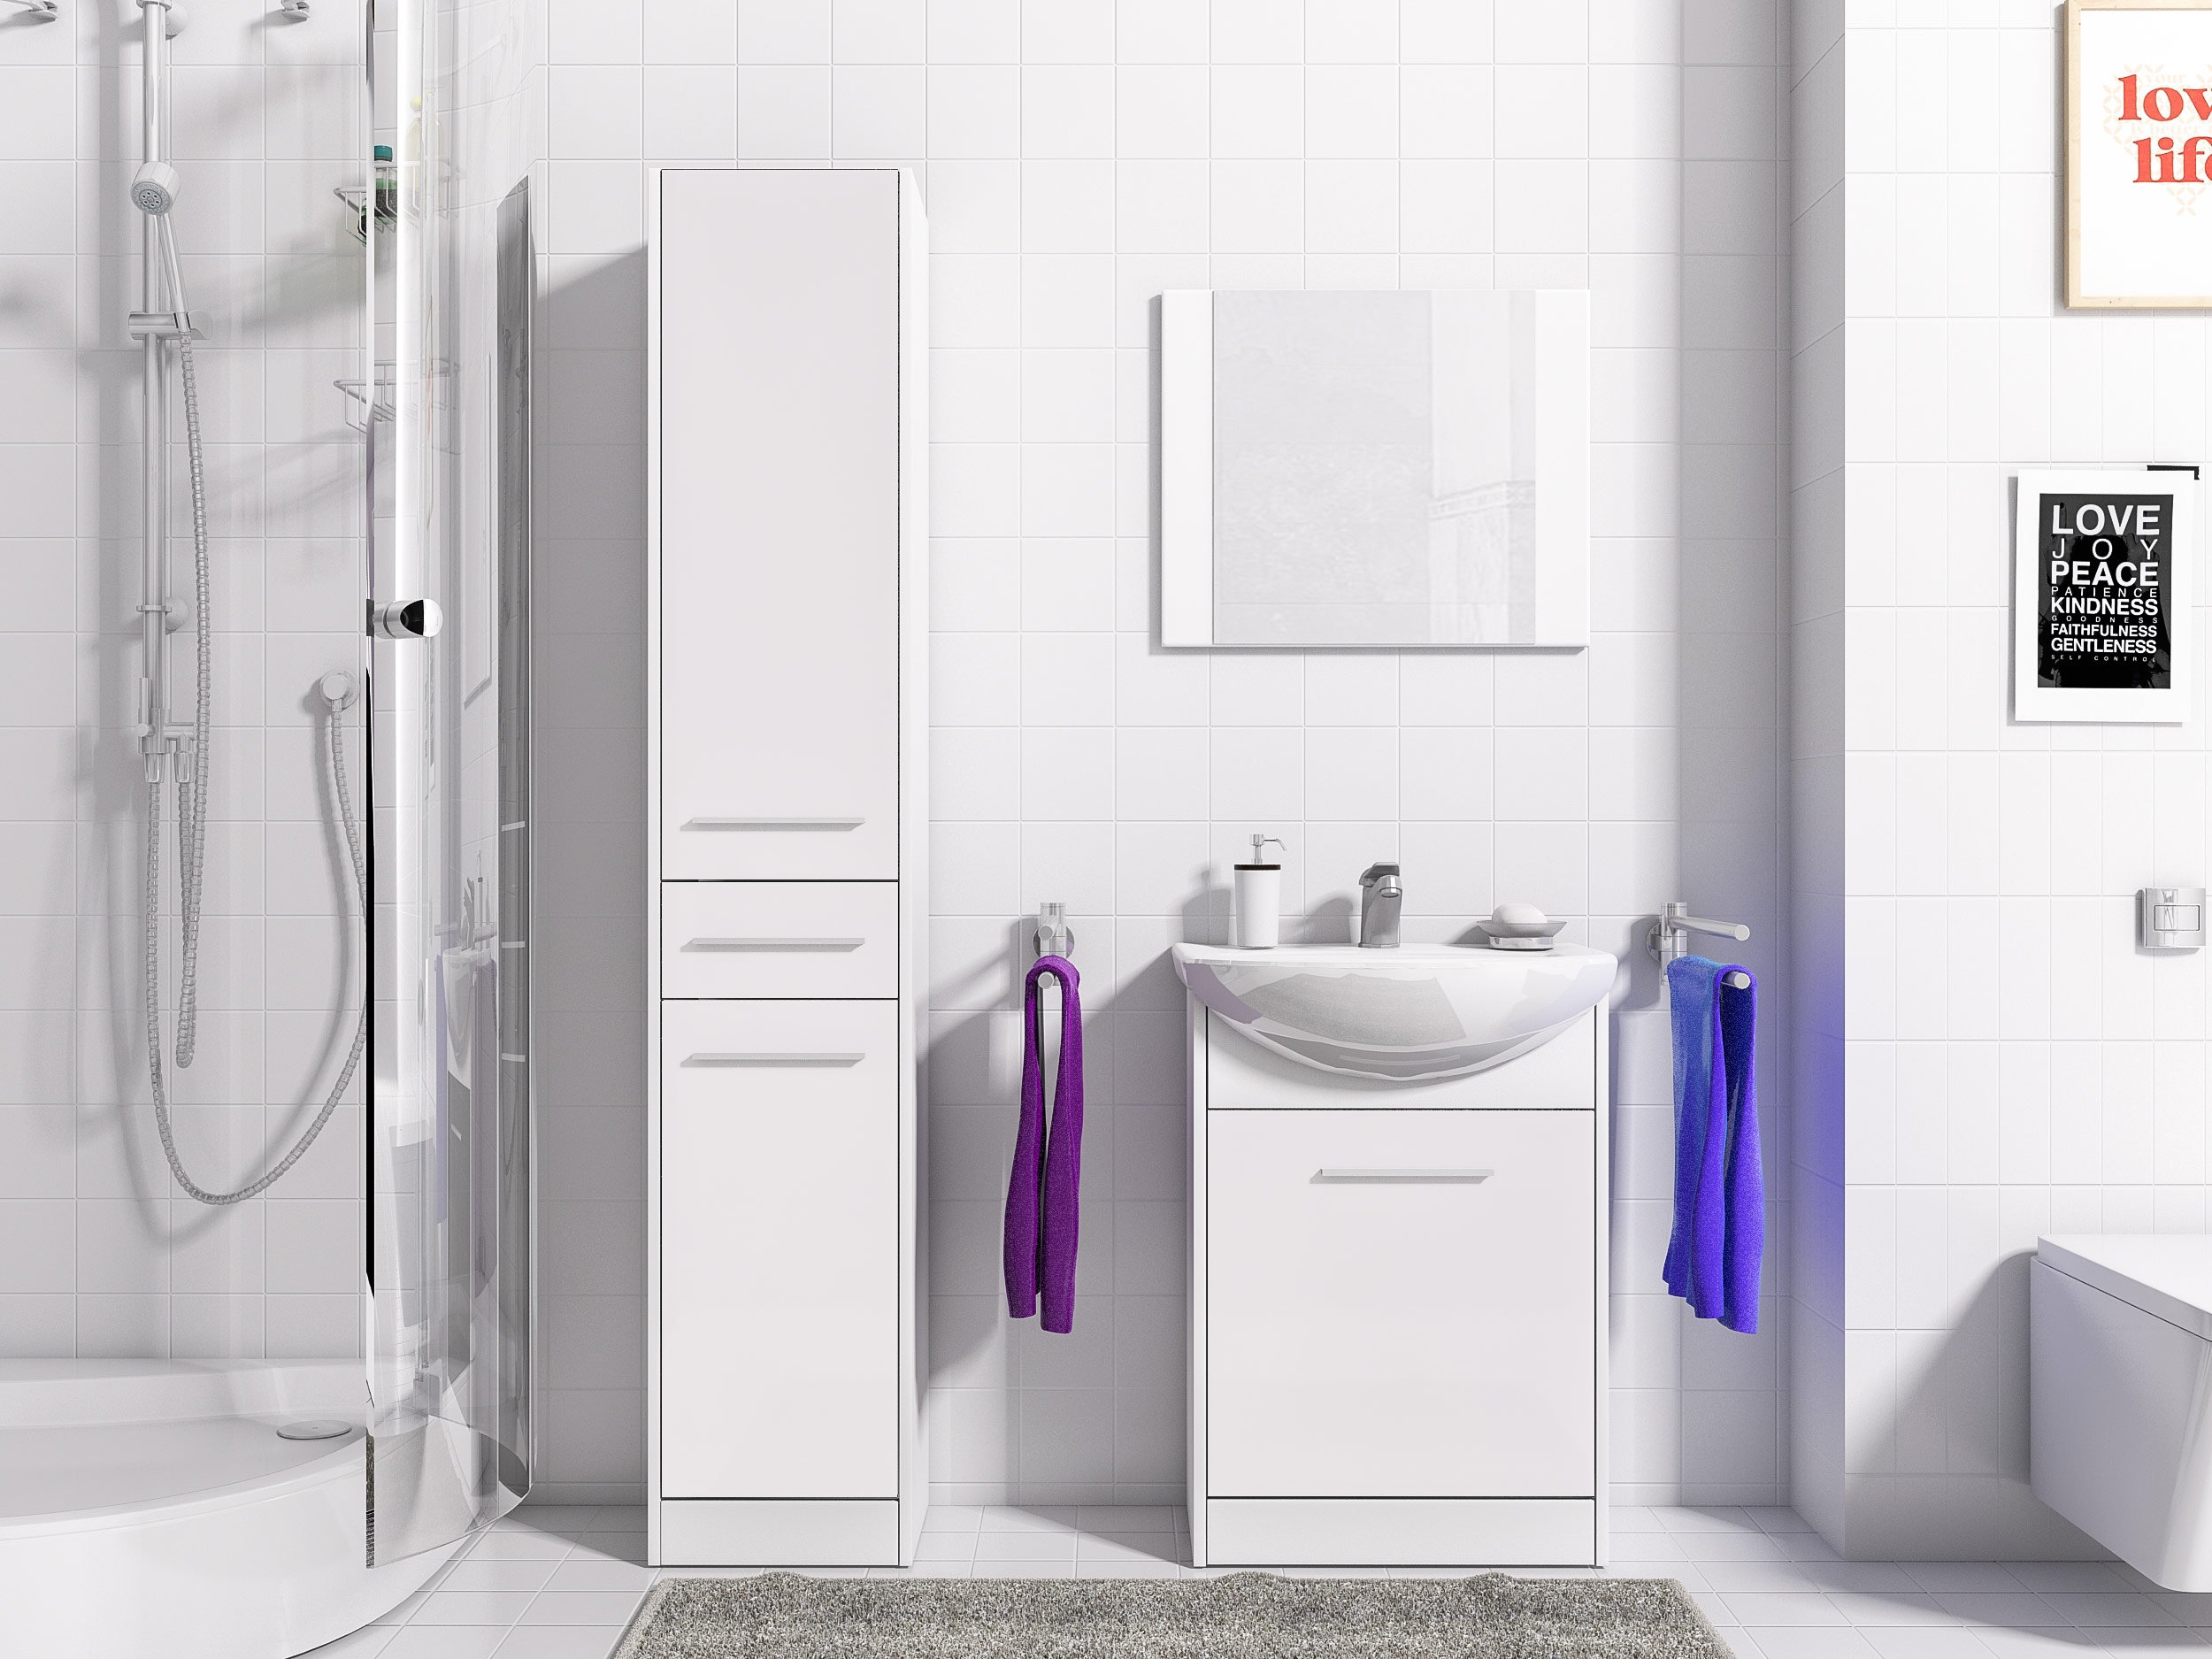 Nábytok pre kúpeľňa NICO DLHO 2 zrkadlo MEBLOHAUS